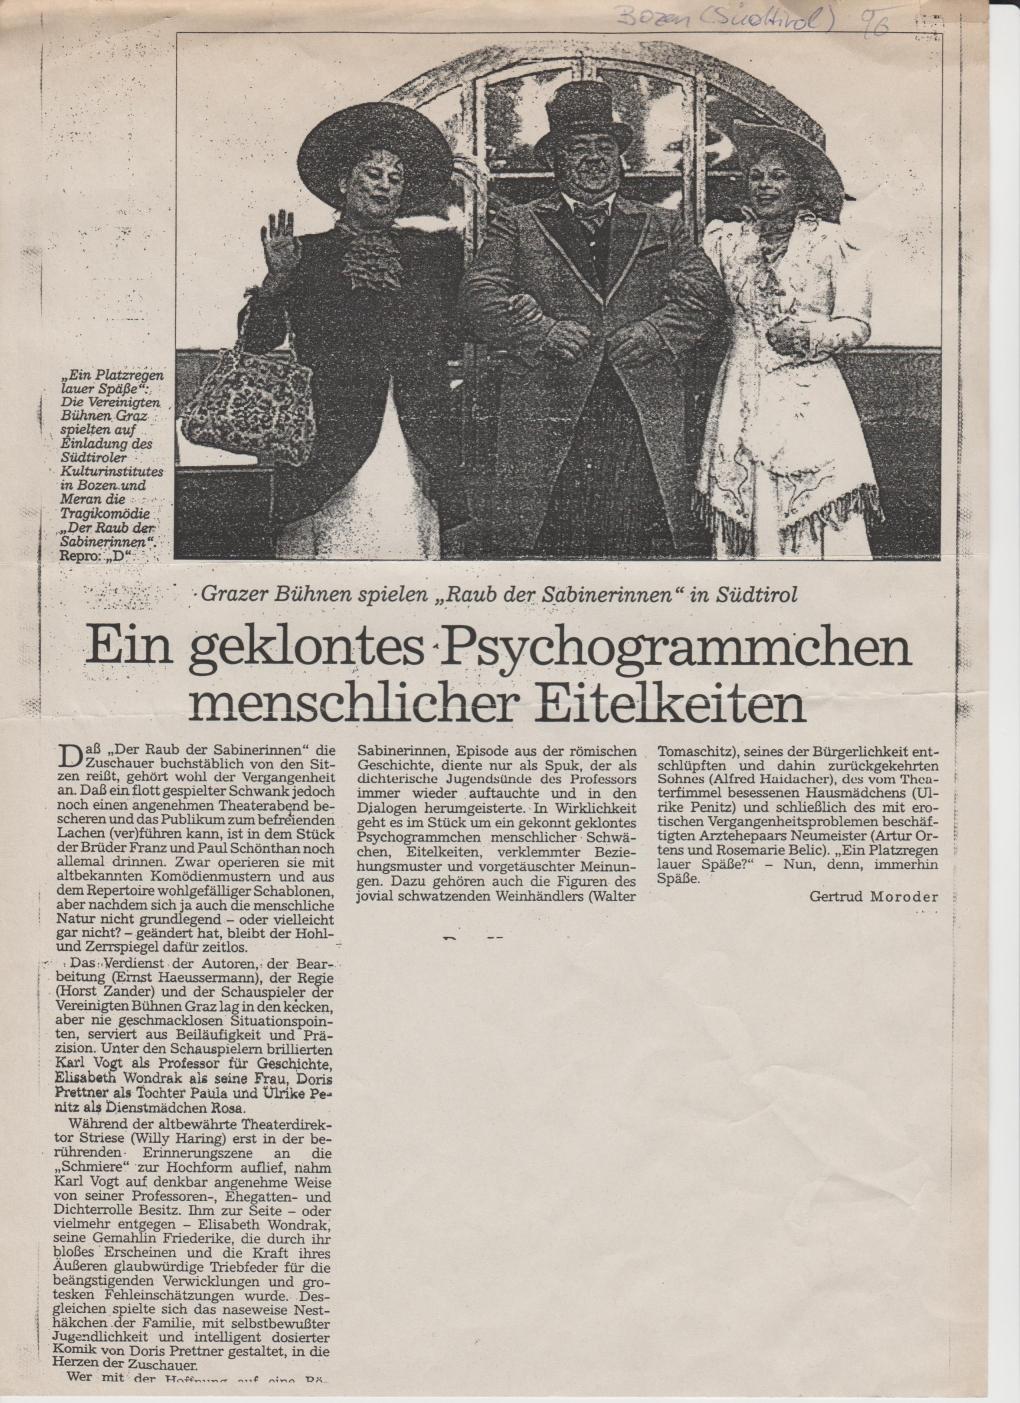 Der Raub der Sabinerinnen 1996